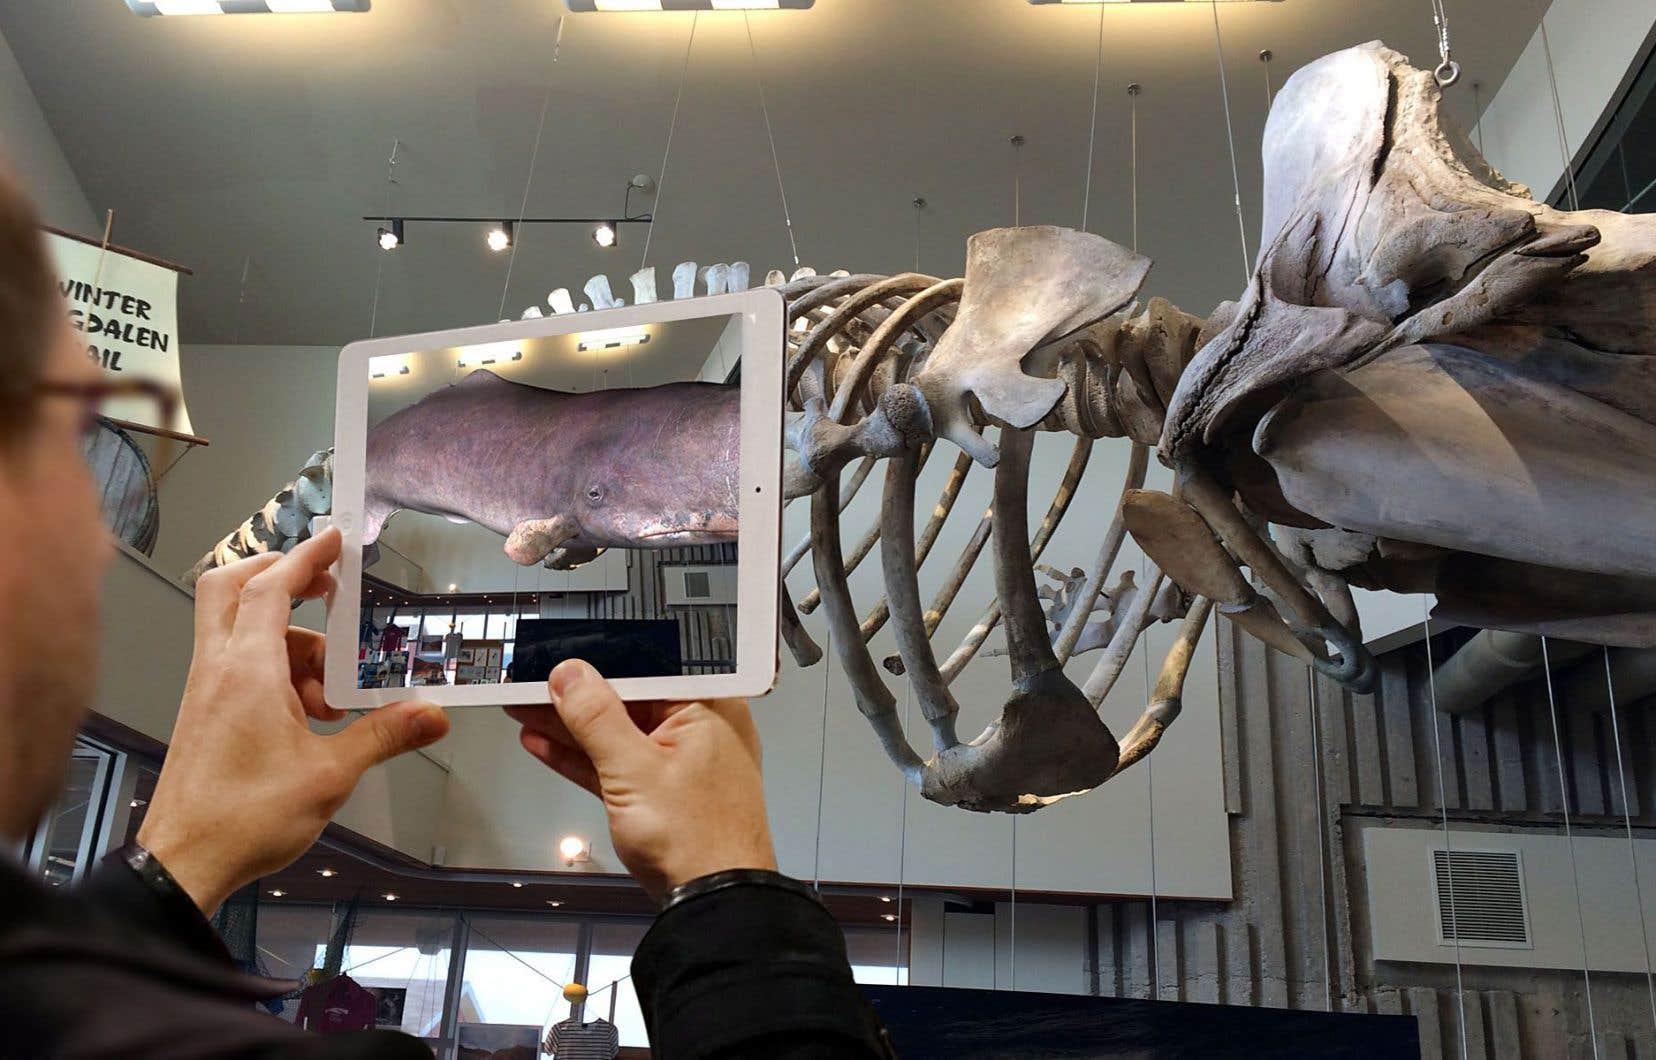 Aux îles de la Madeleine, le Musée de la mer fait revivre le cachalot dont le squelette est exposé dans le grand hall depuis 2015. Grâce à la réalité augmentée, celui-ci va littéralement se mettre à bouger.